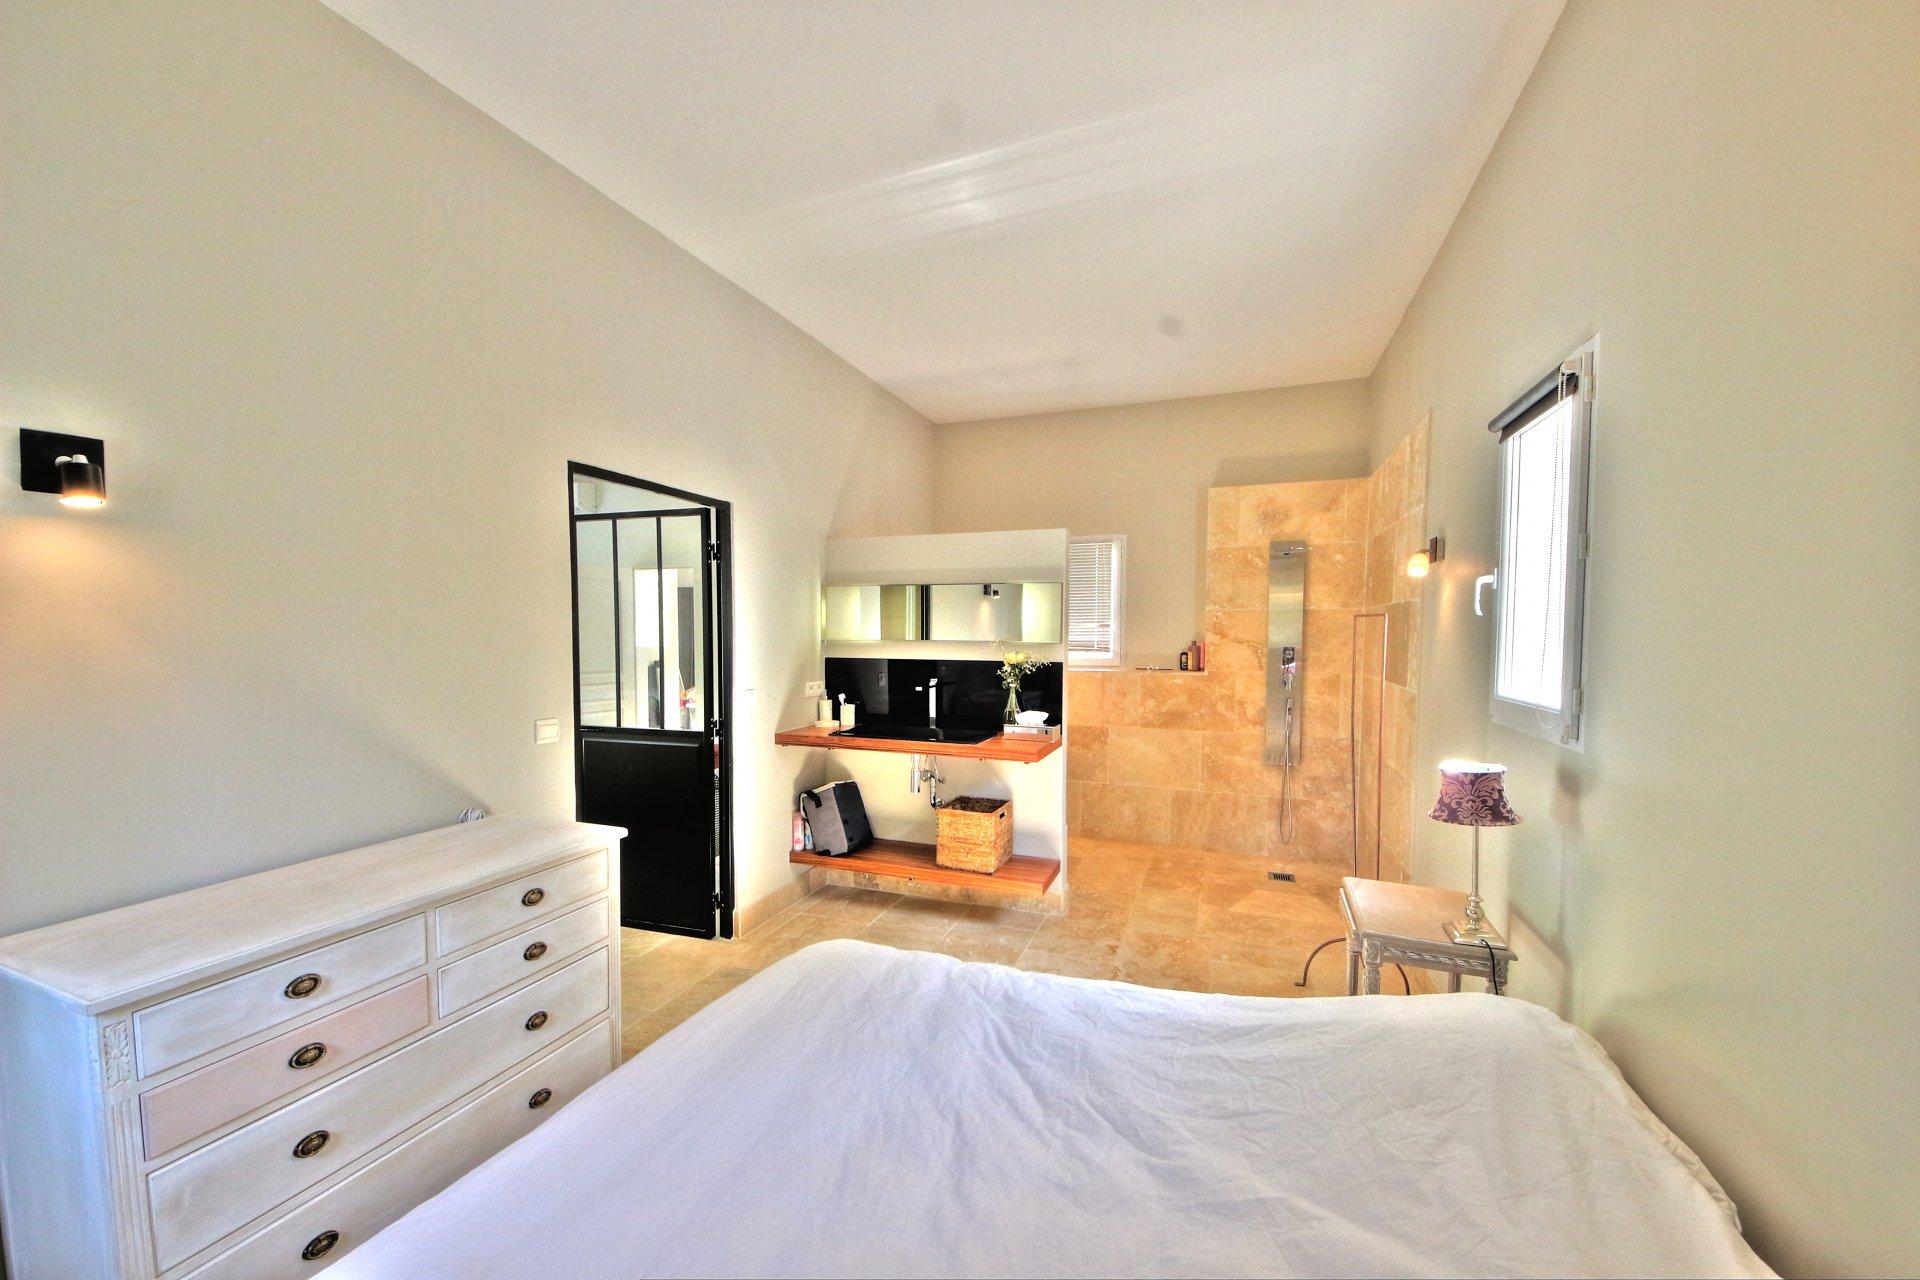 Independent studio bedroom with shower room